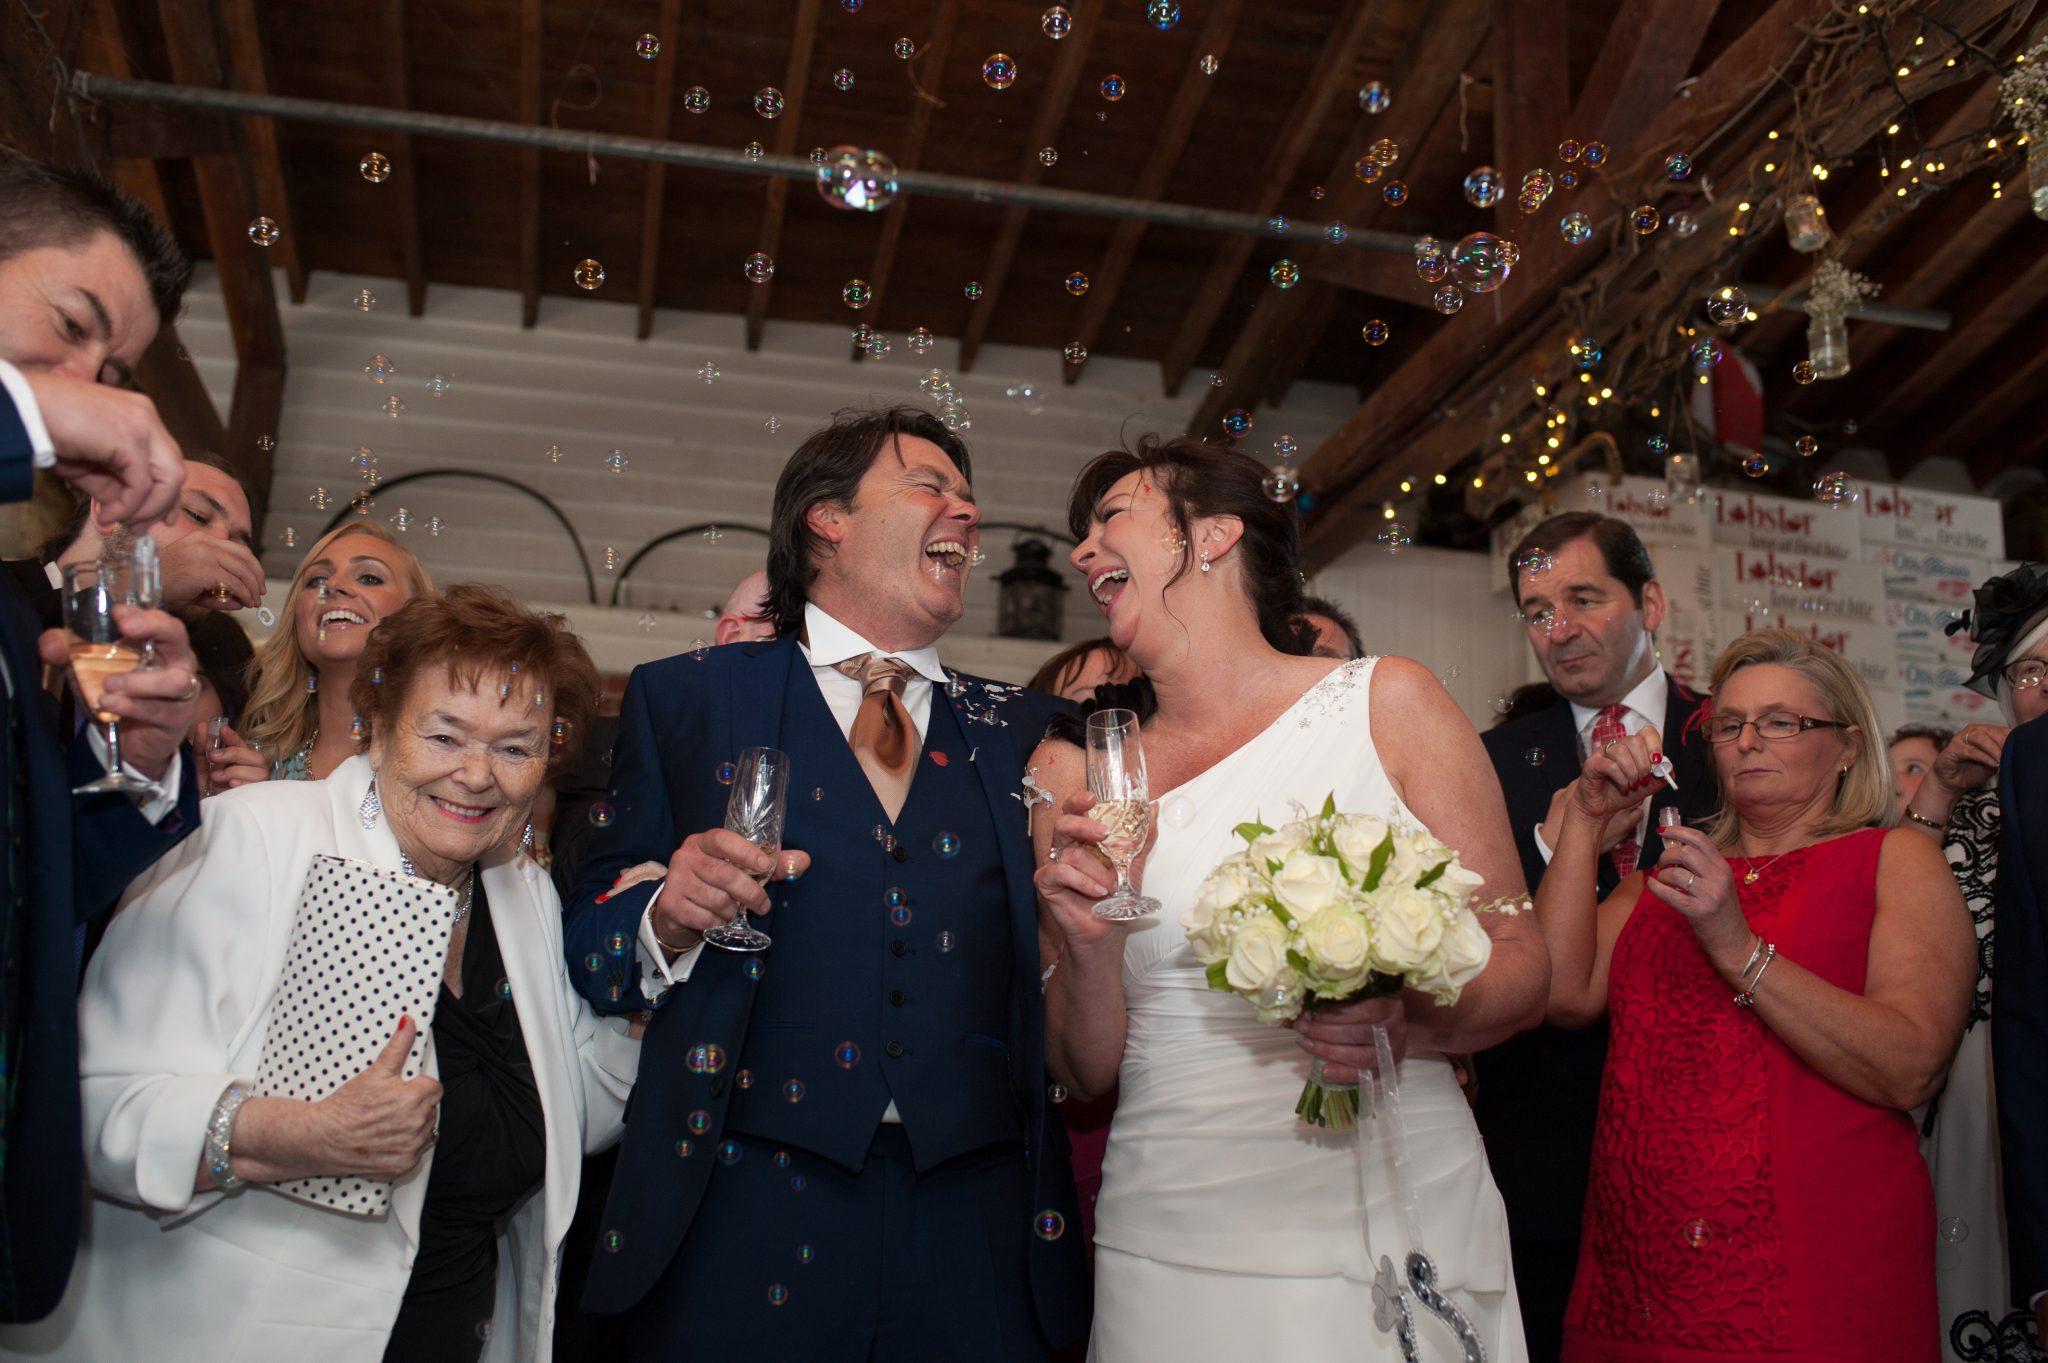 Wedding Photographer Faversham testimonial image